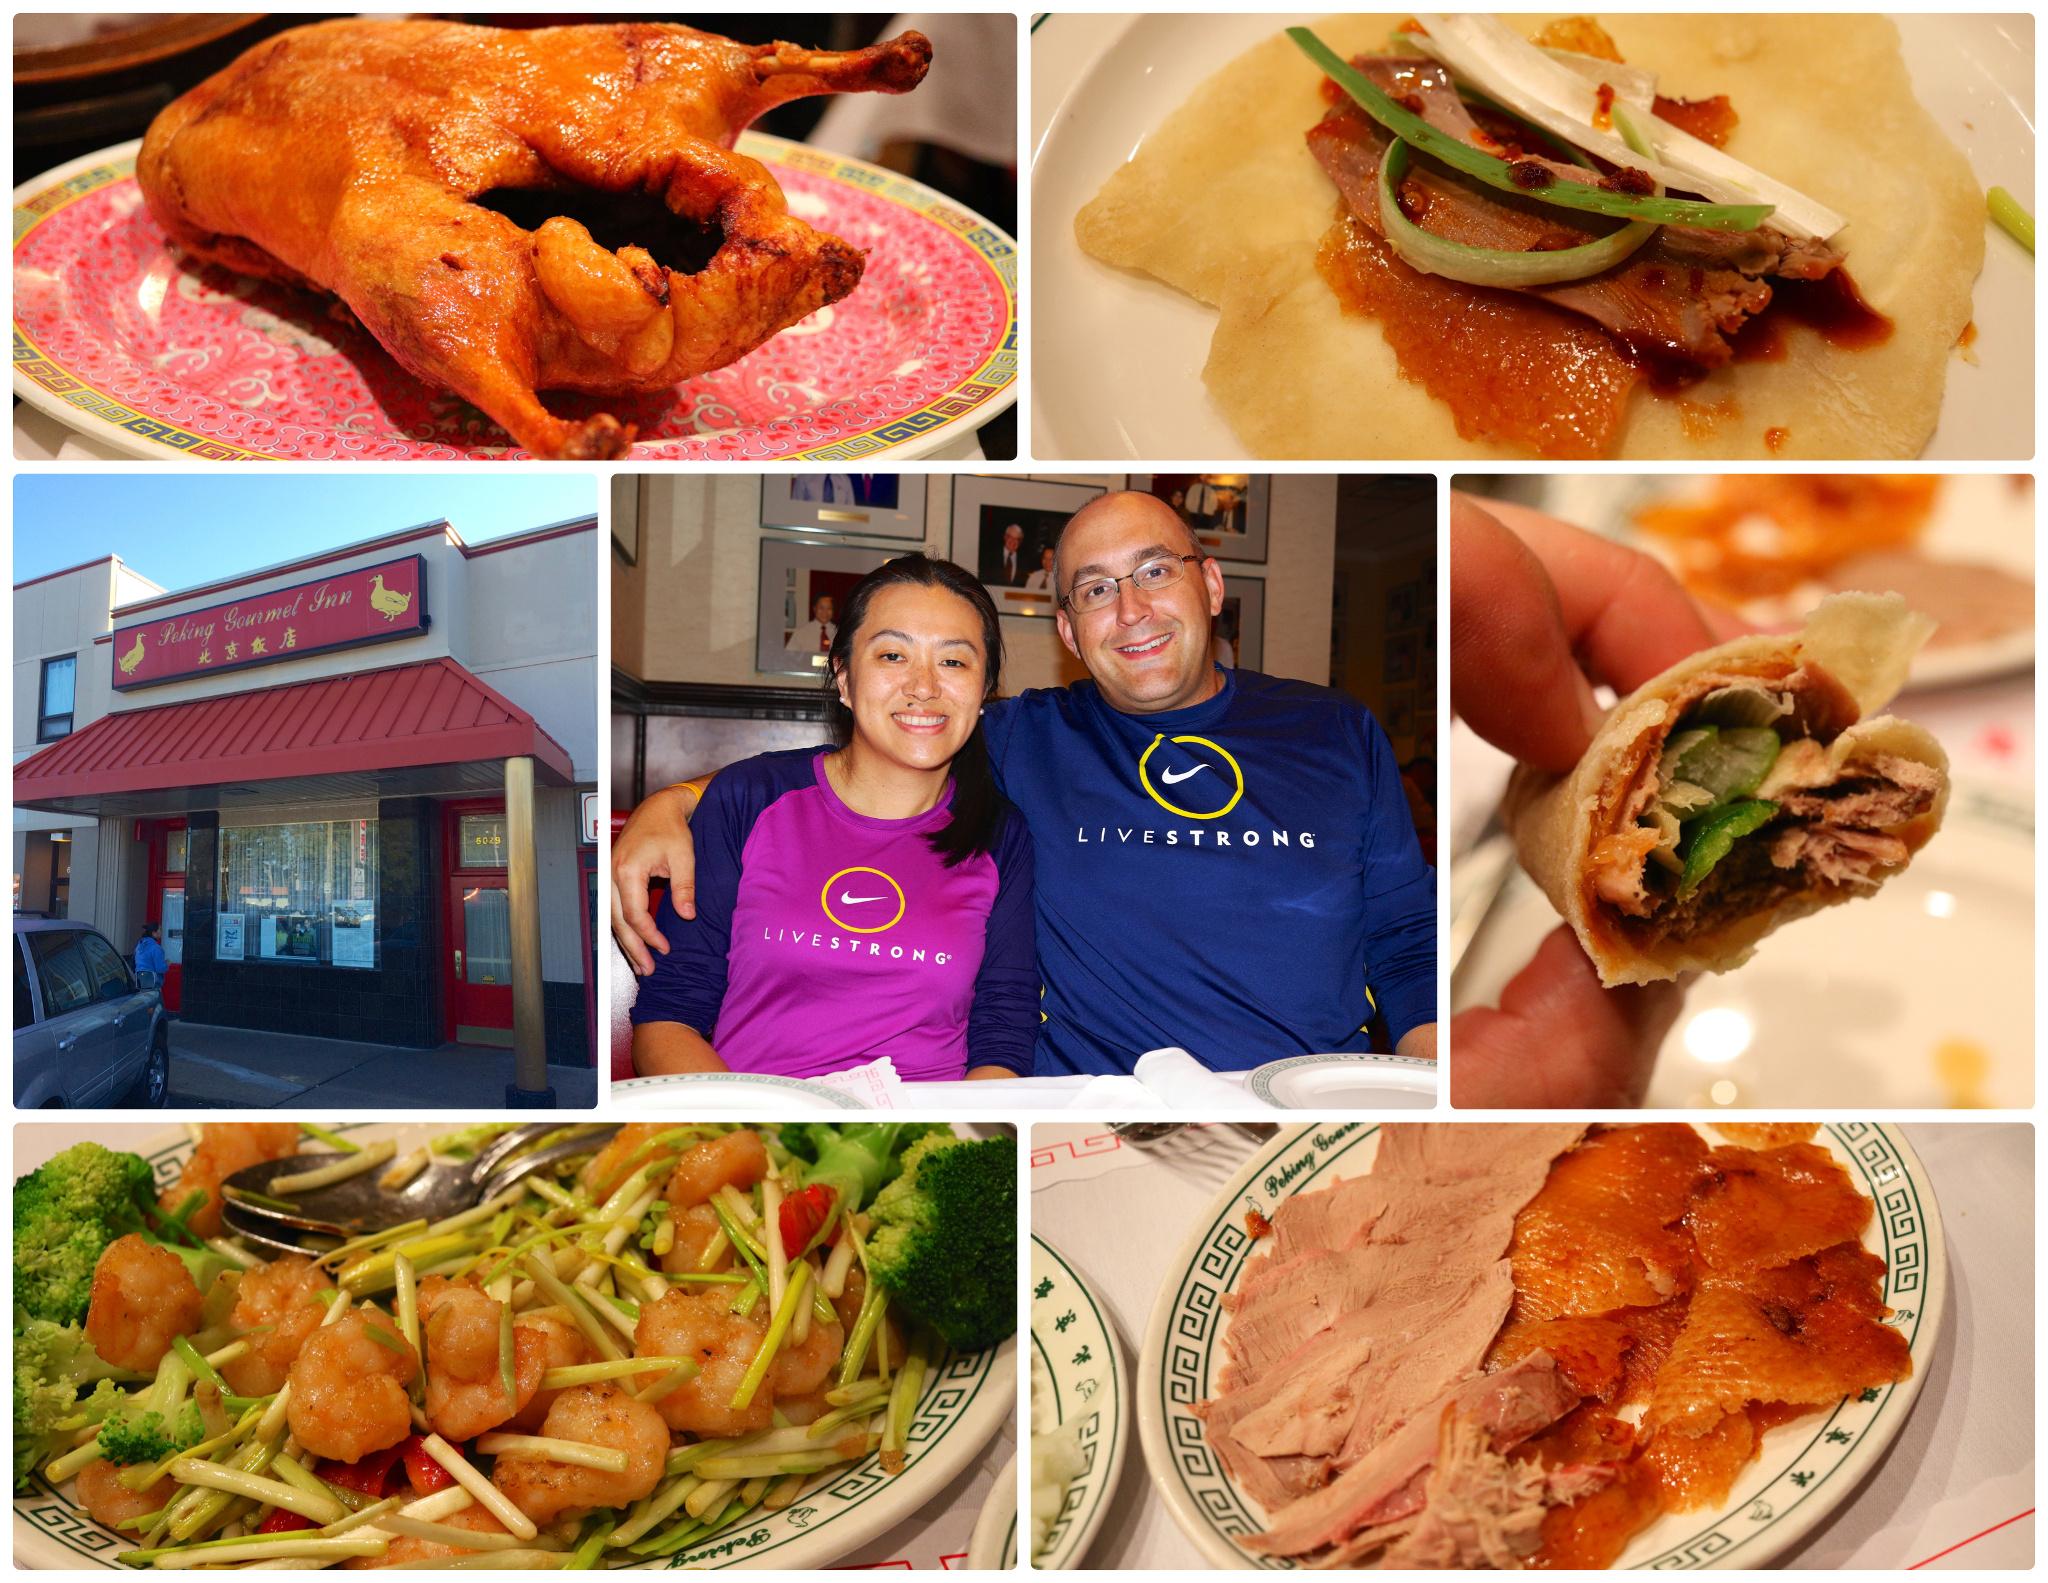 Crashing the Peking Gourmet Inn in our hiking garb!